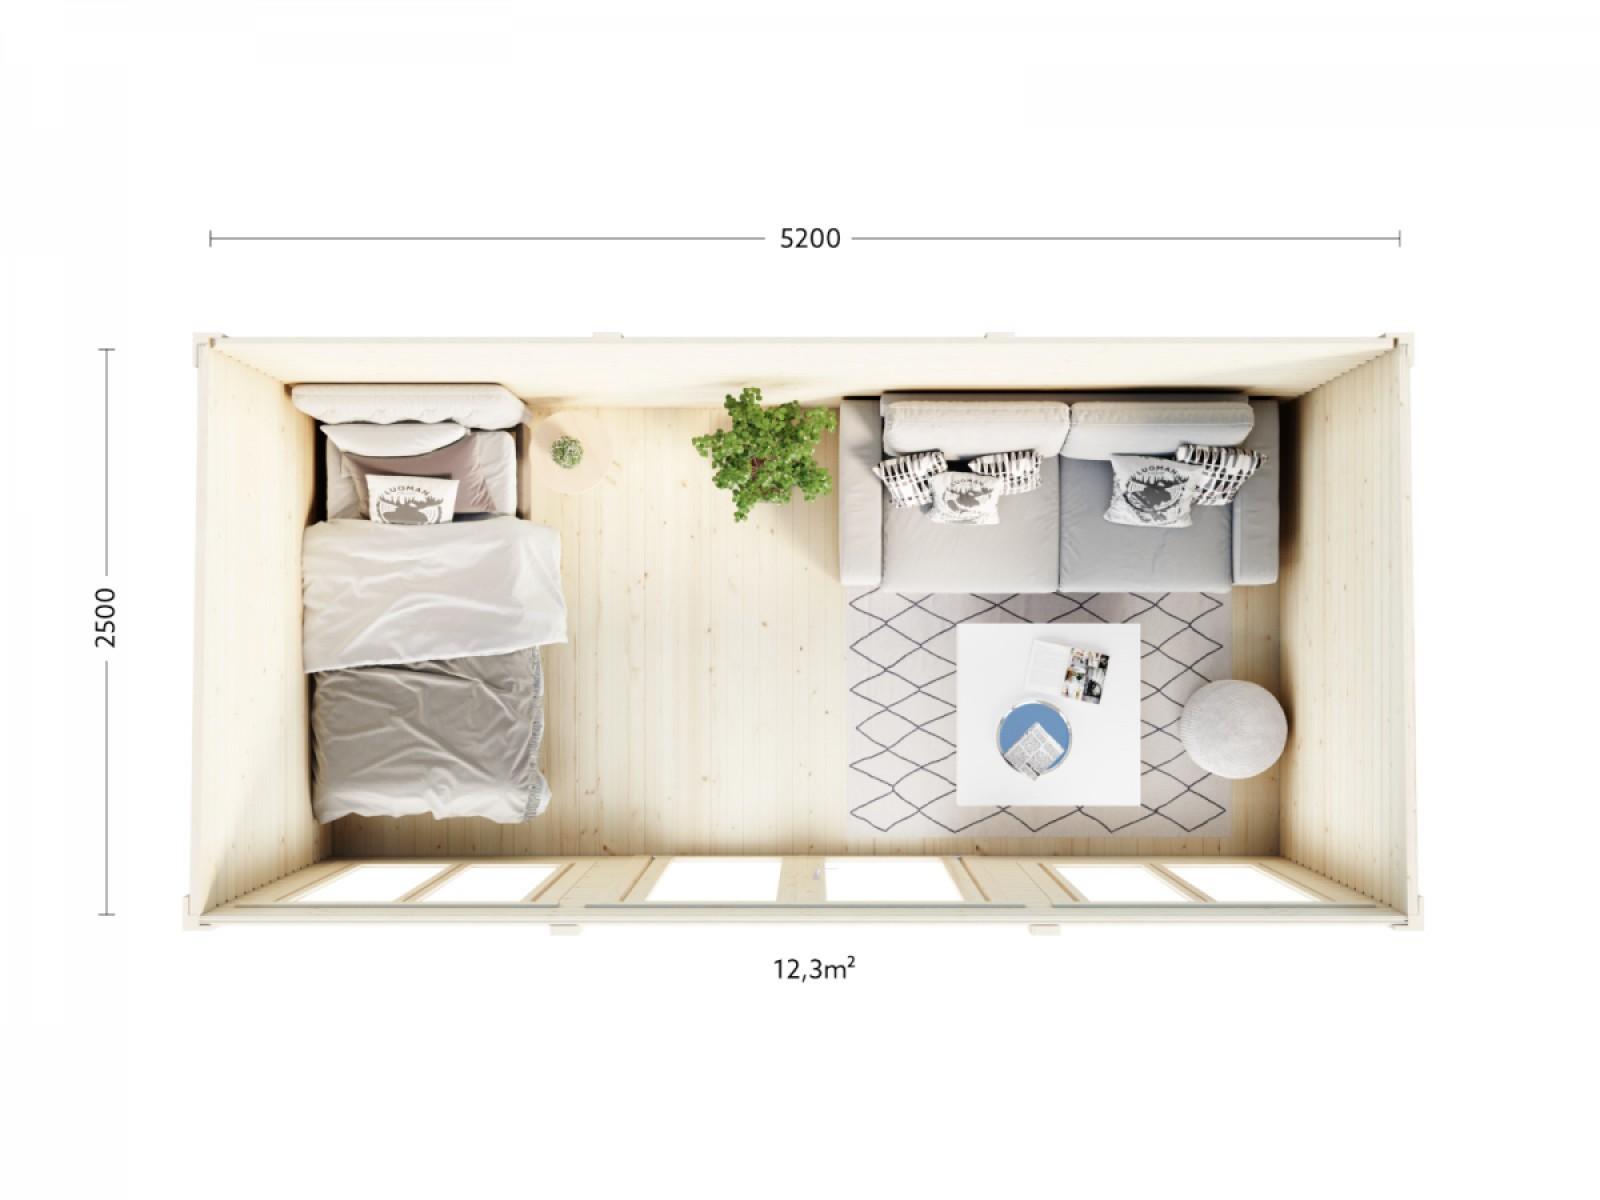 1624974879_Lillevilla 344 Cabin Floor Plan.jpg